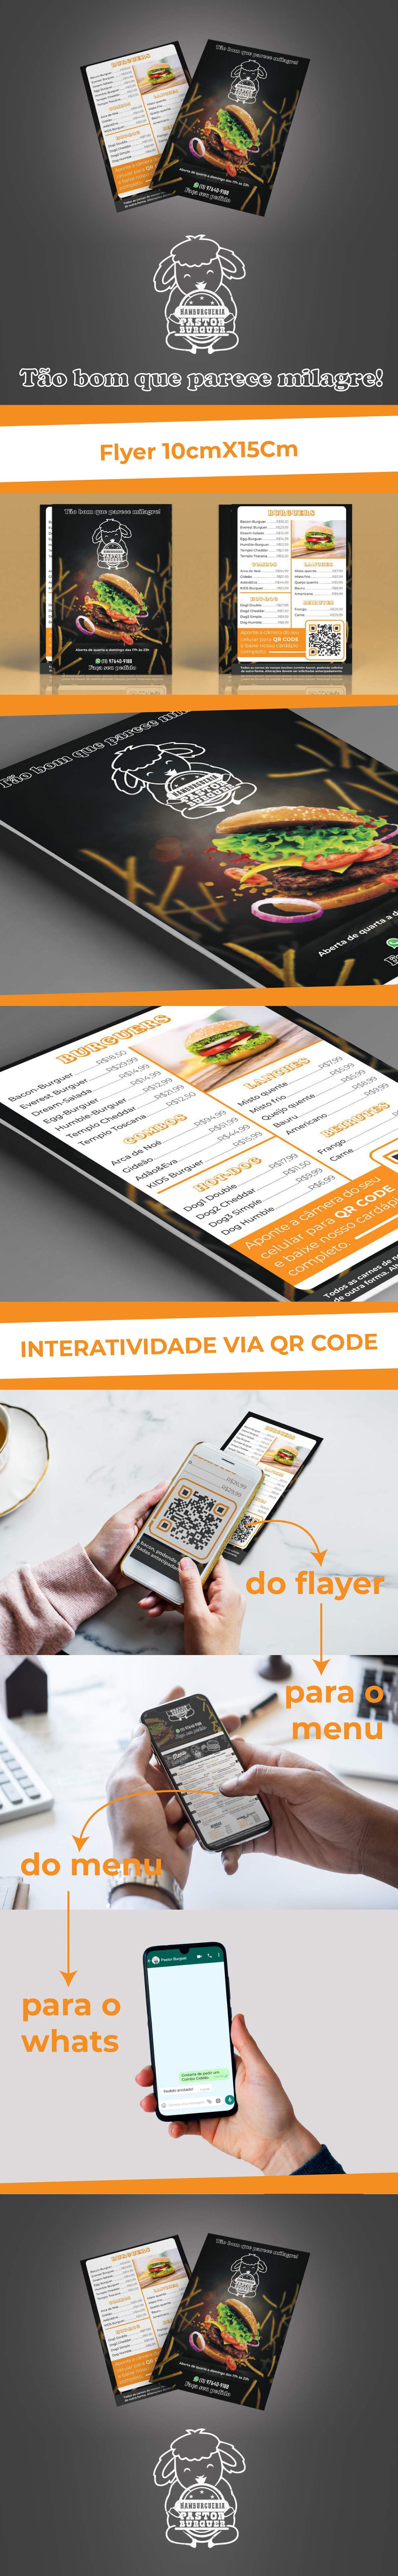 flyer folder identidade visual QR Code